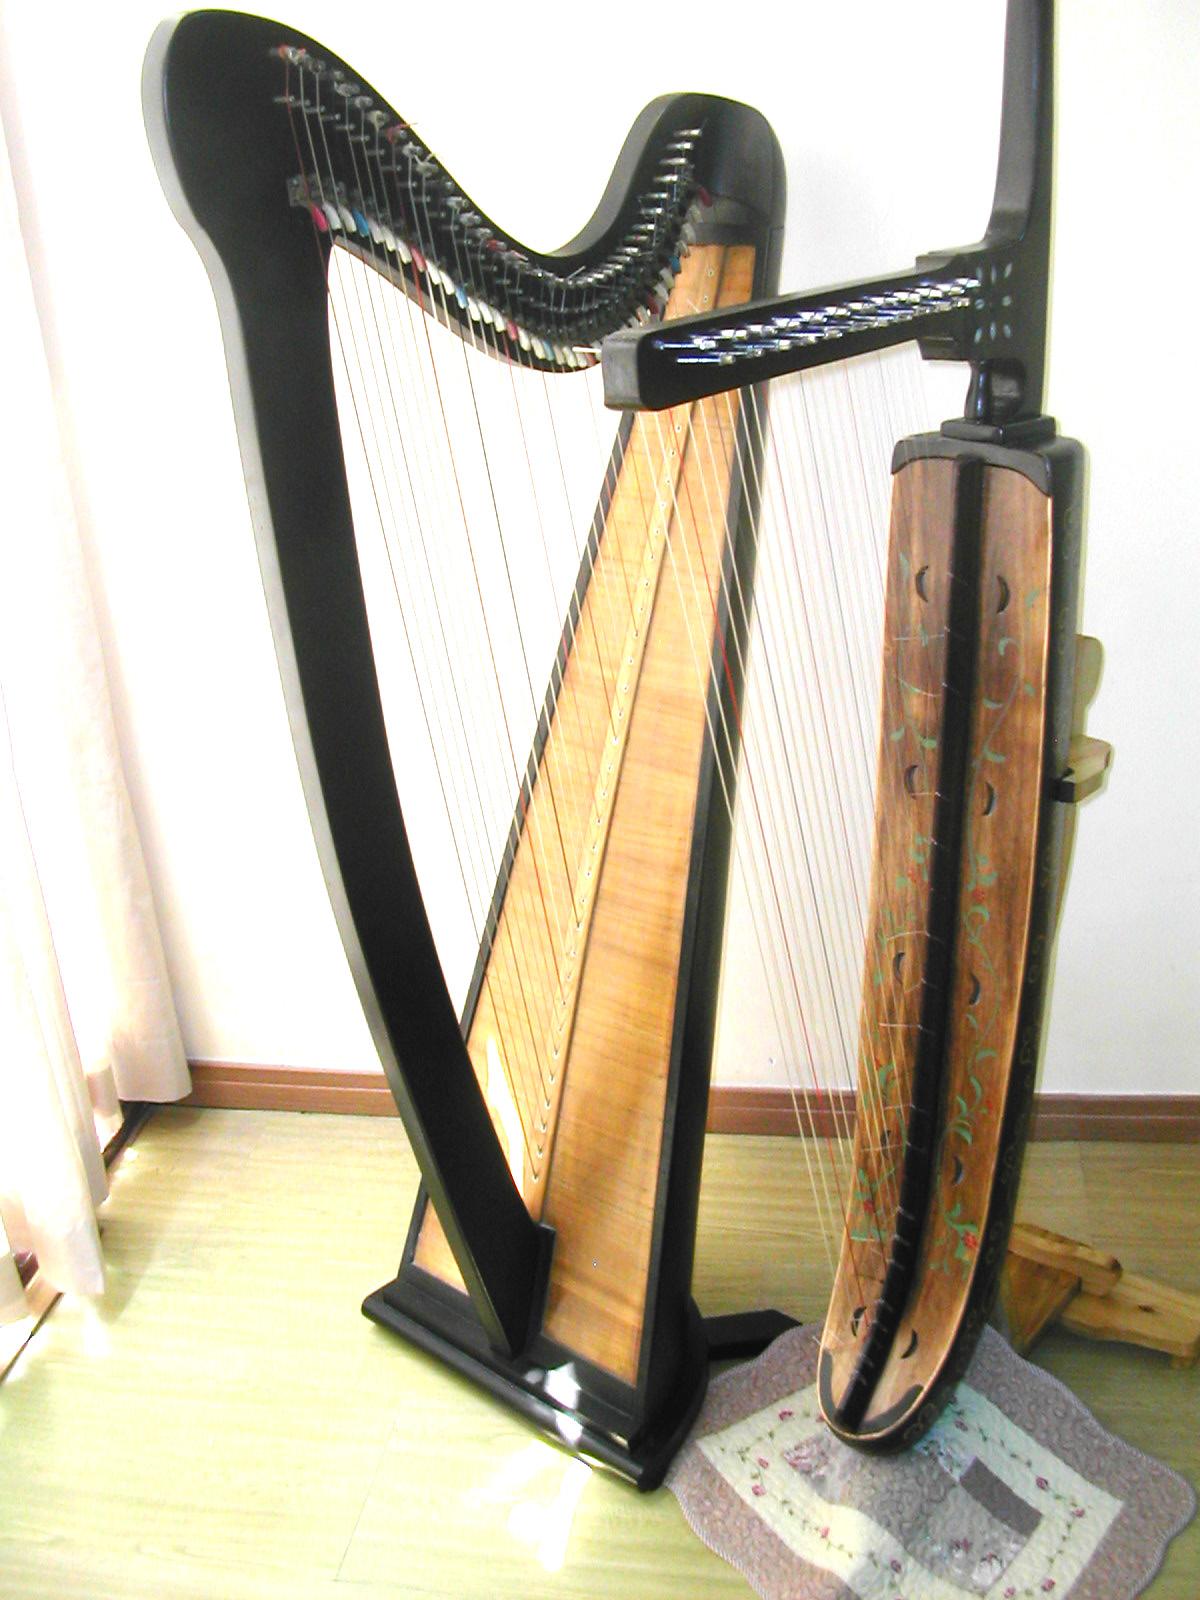 【乐器】竖琴与箜篌的区别图片